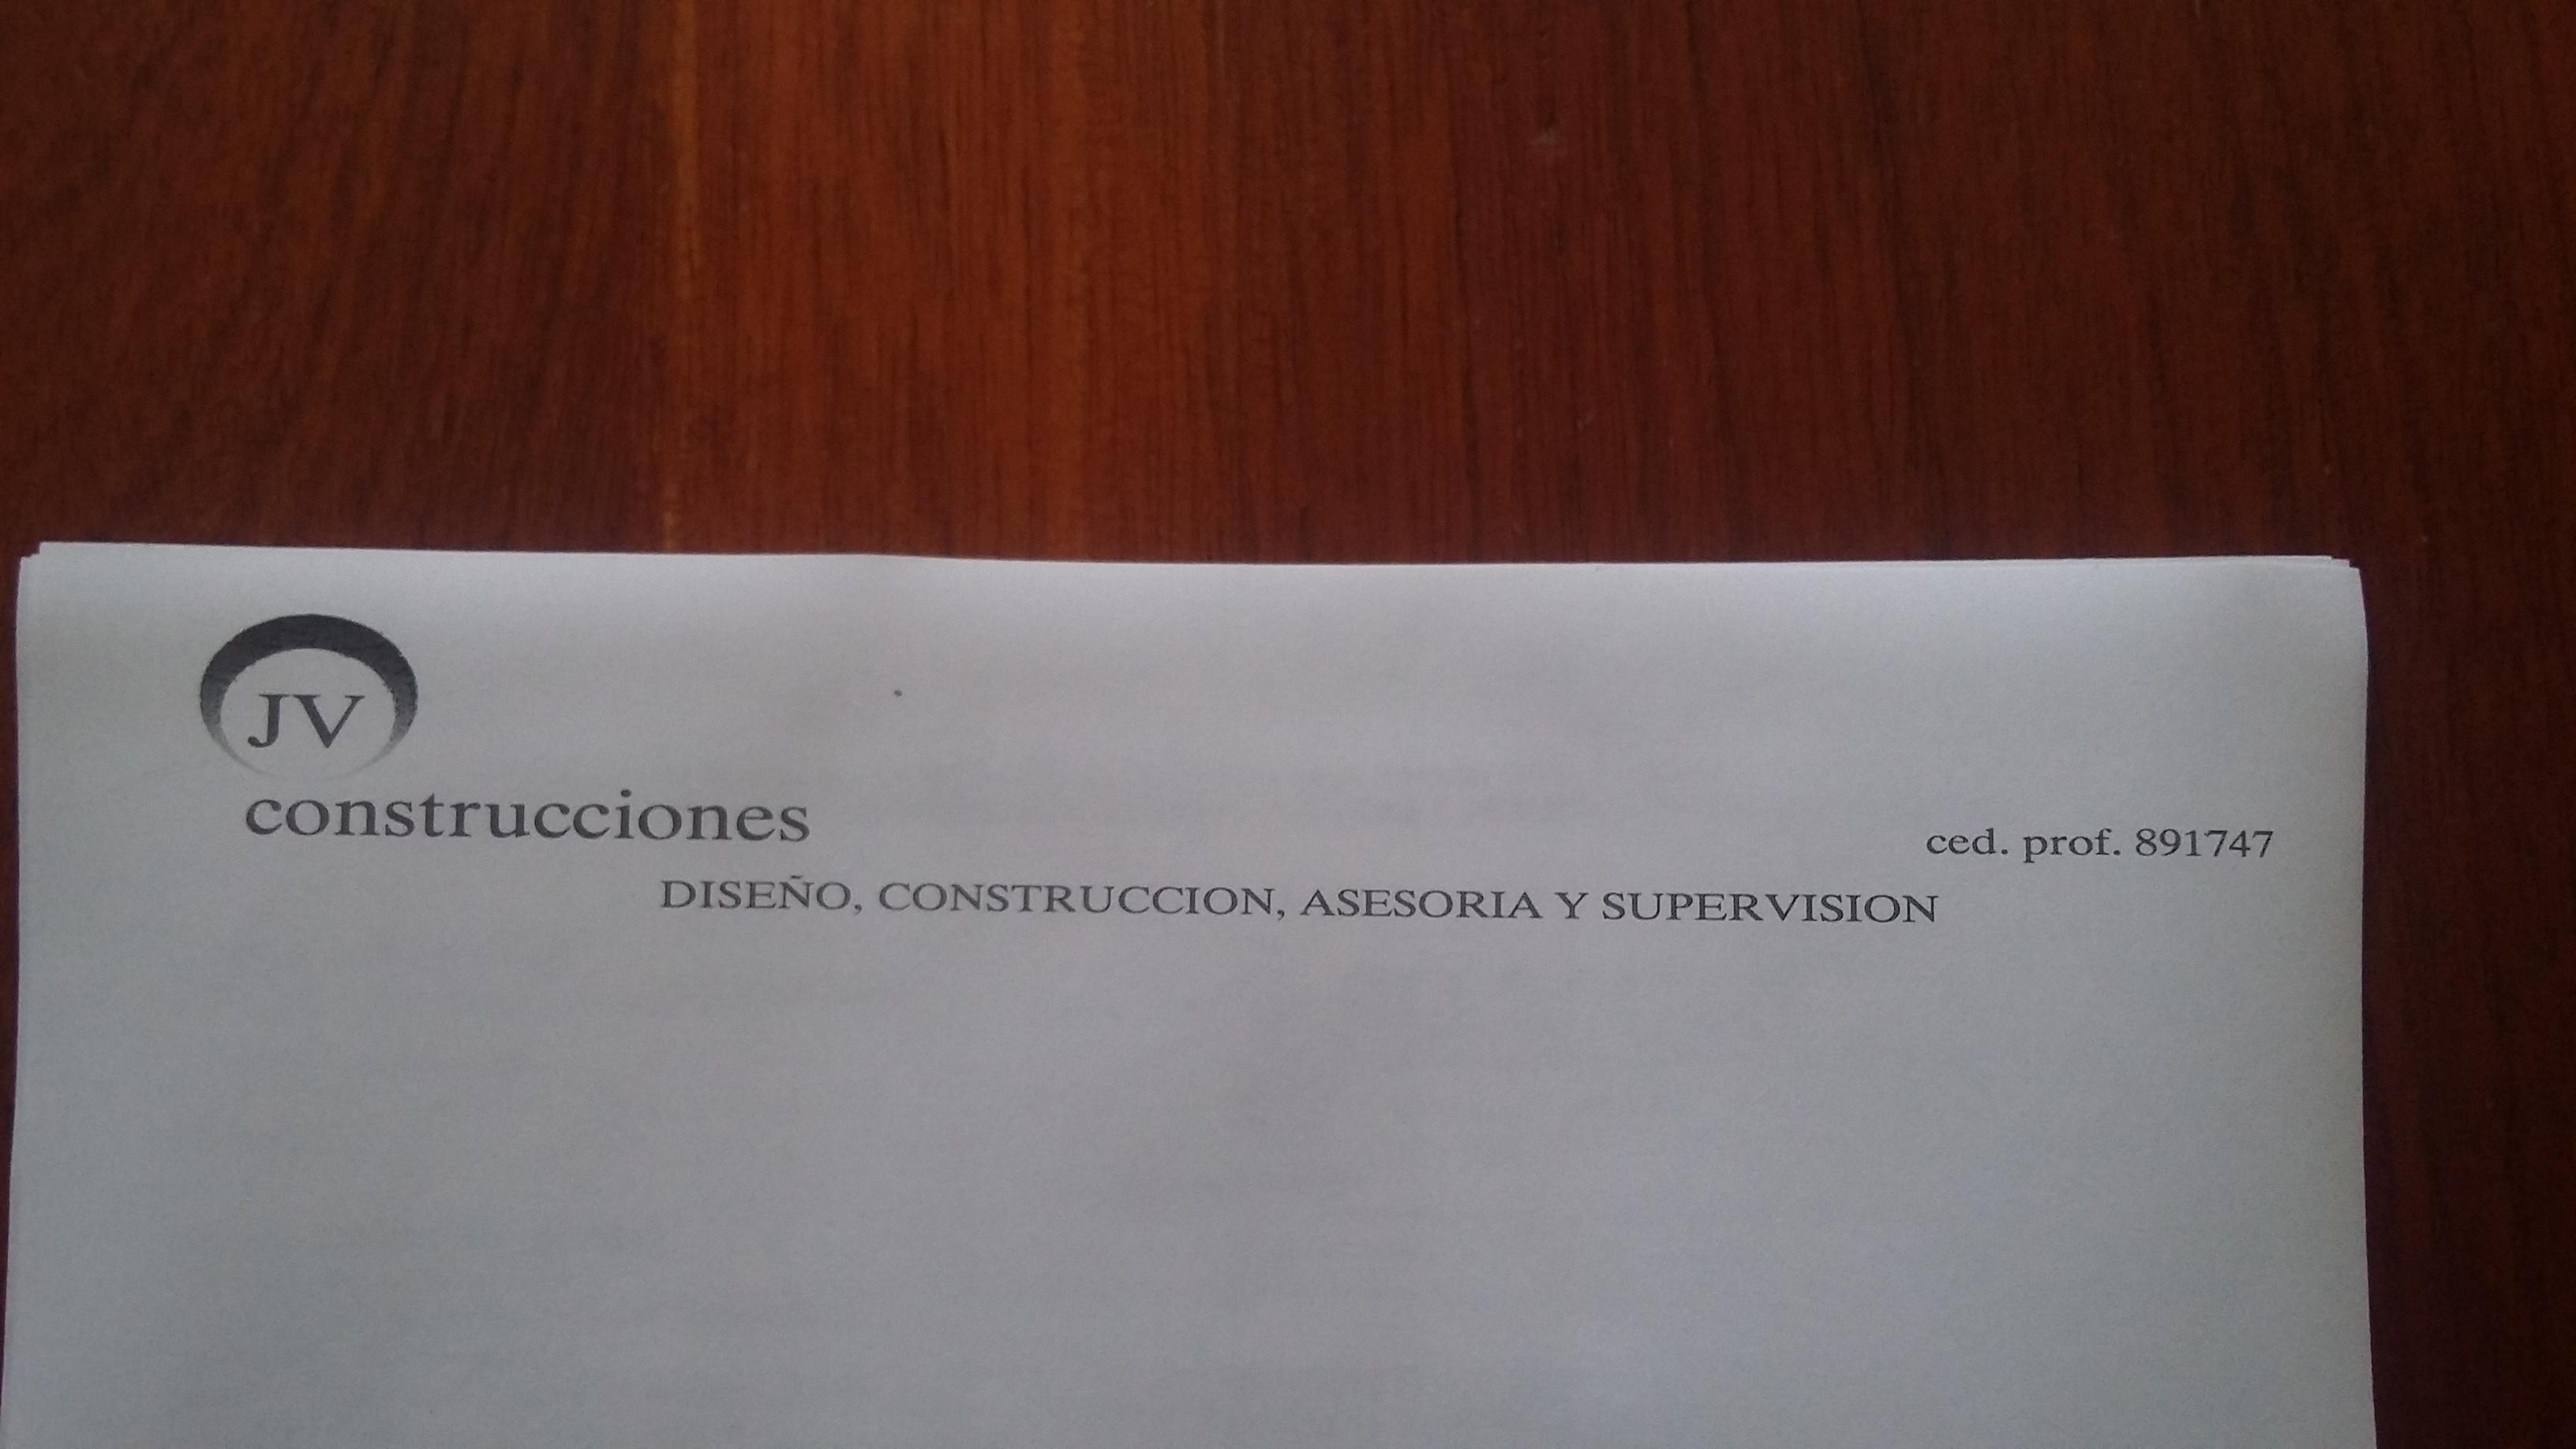 Construcción, Diseño, Asesoría y Supervisión